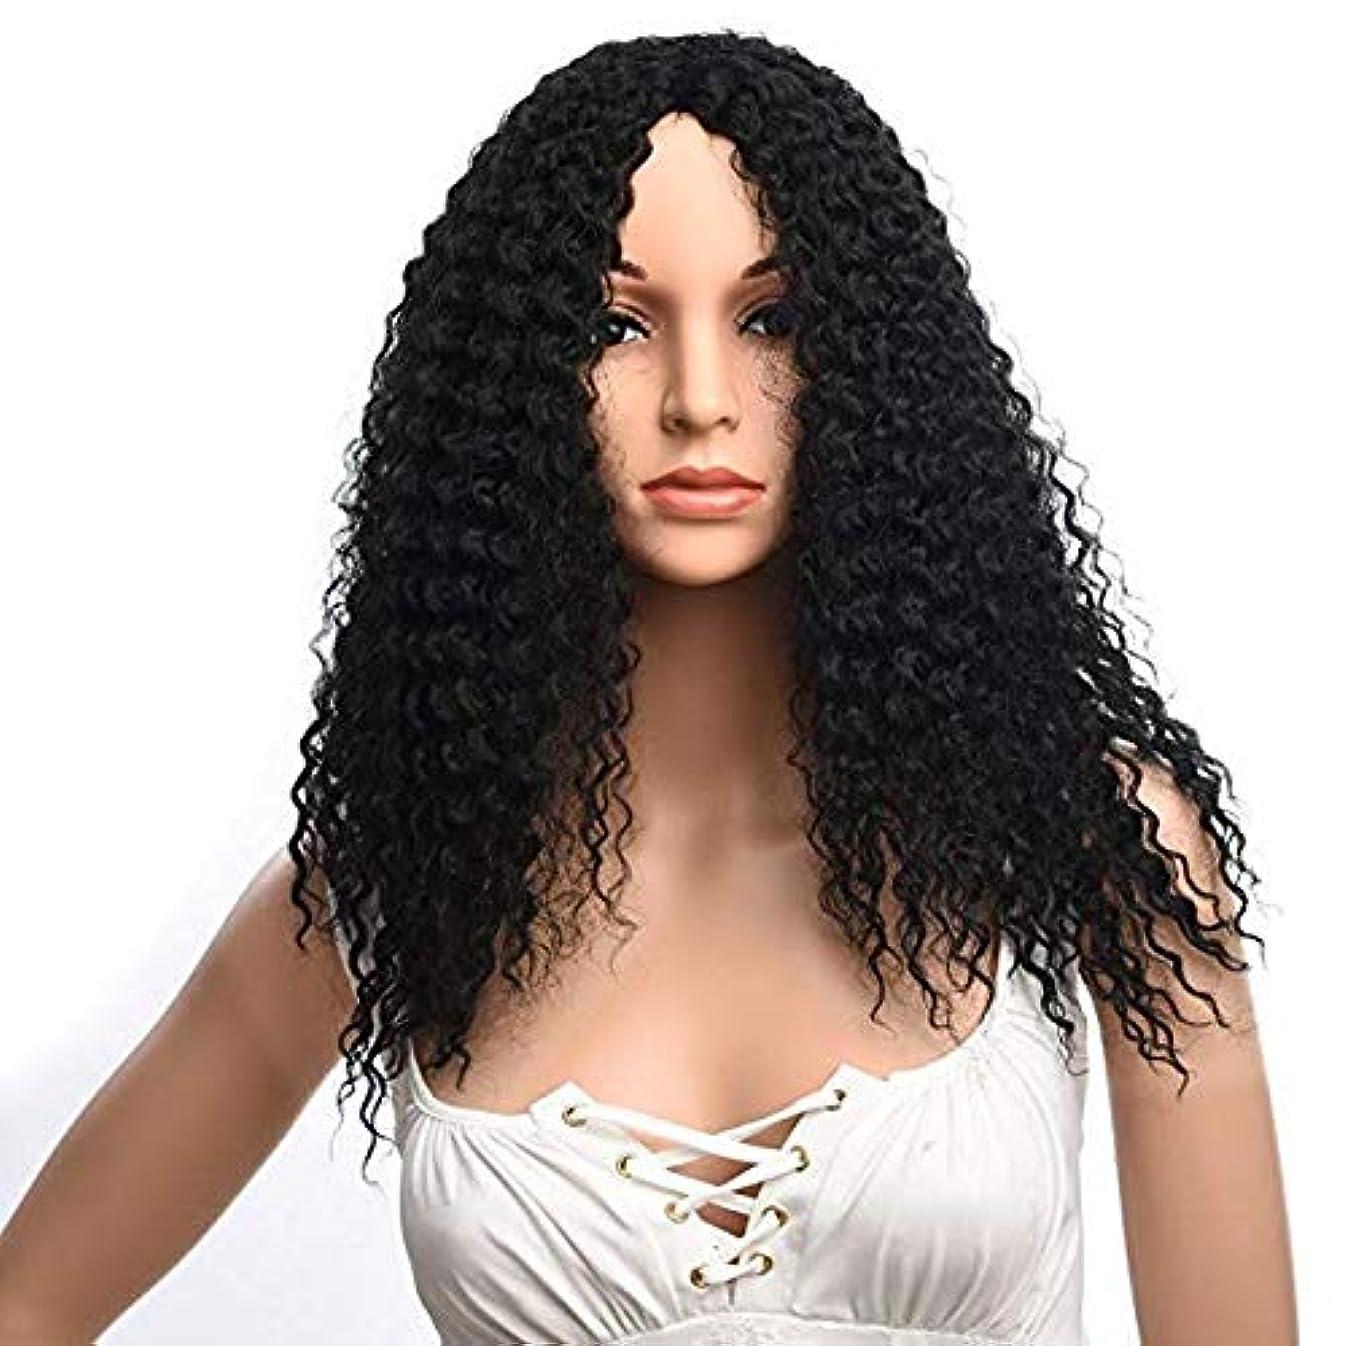 ホイットニー快い風邪をひく女性の肩短い髪ふわふわ高温シルクファッションかつら